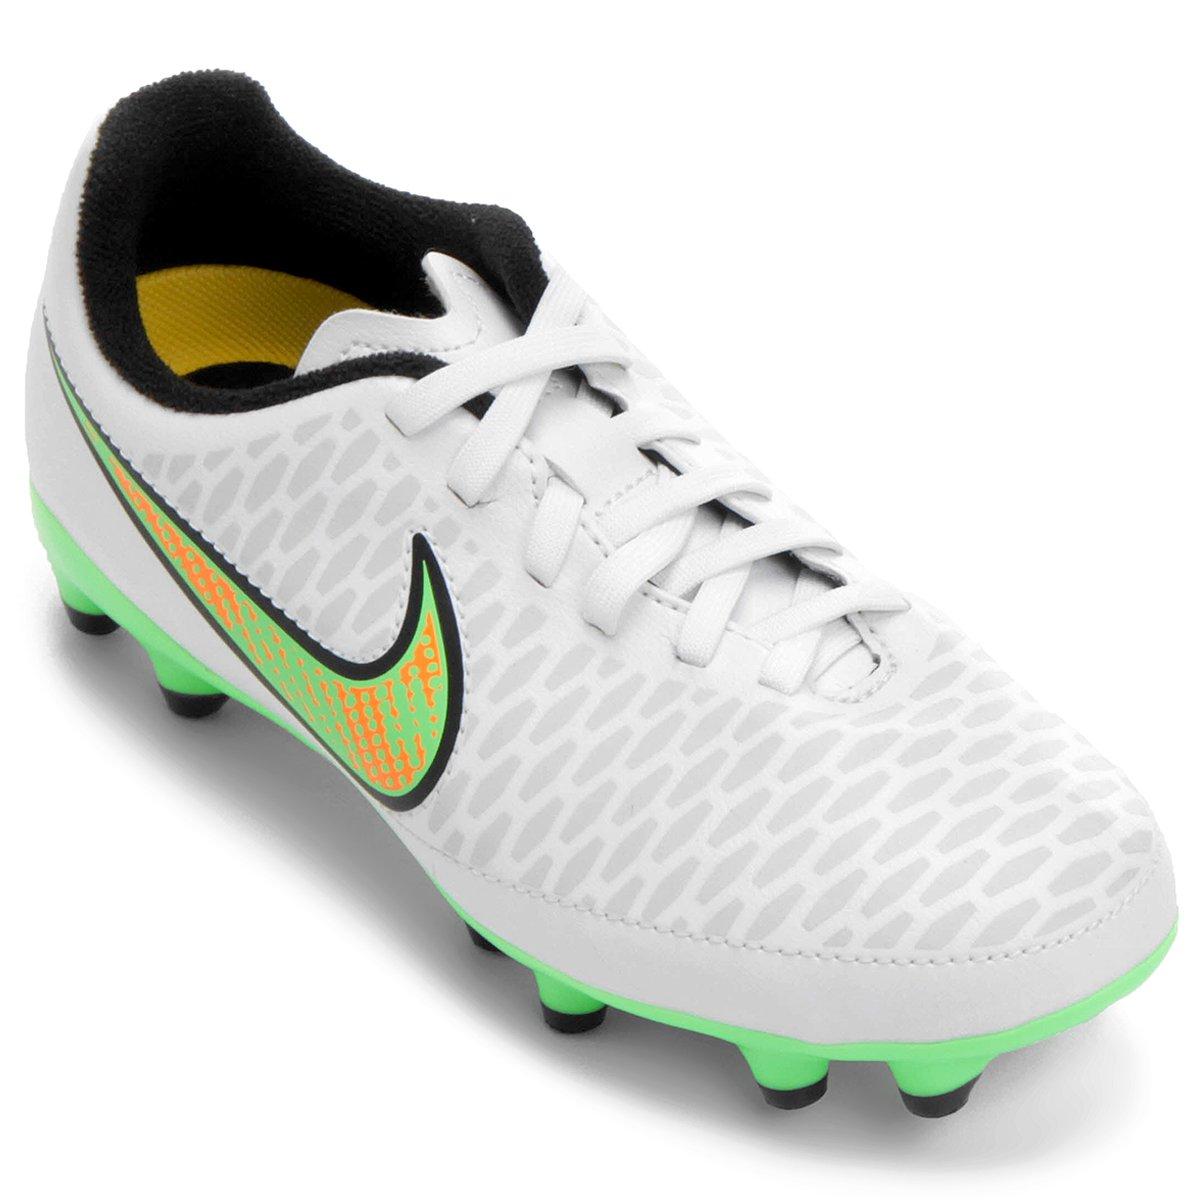 Chuteira Nike Magista Onda FG Campo Infantil - Compre Agora  dce13f3751b53